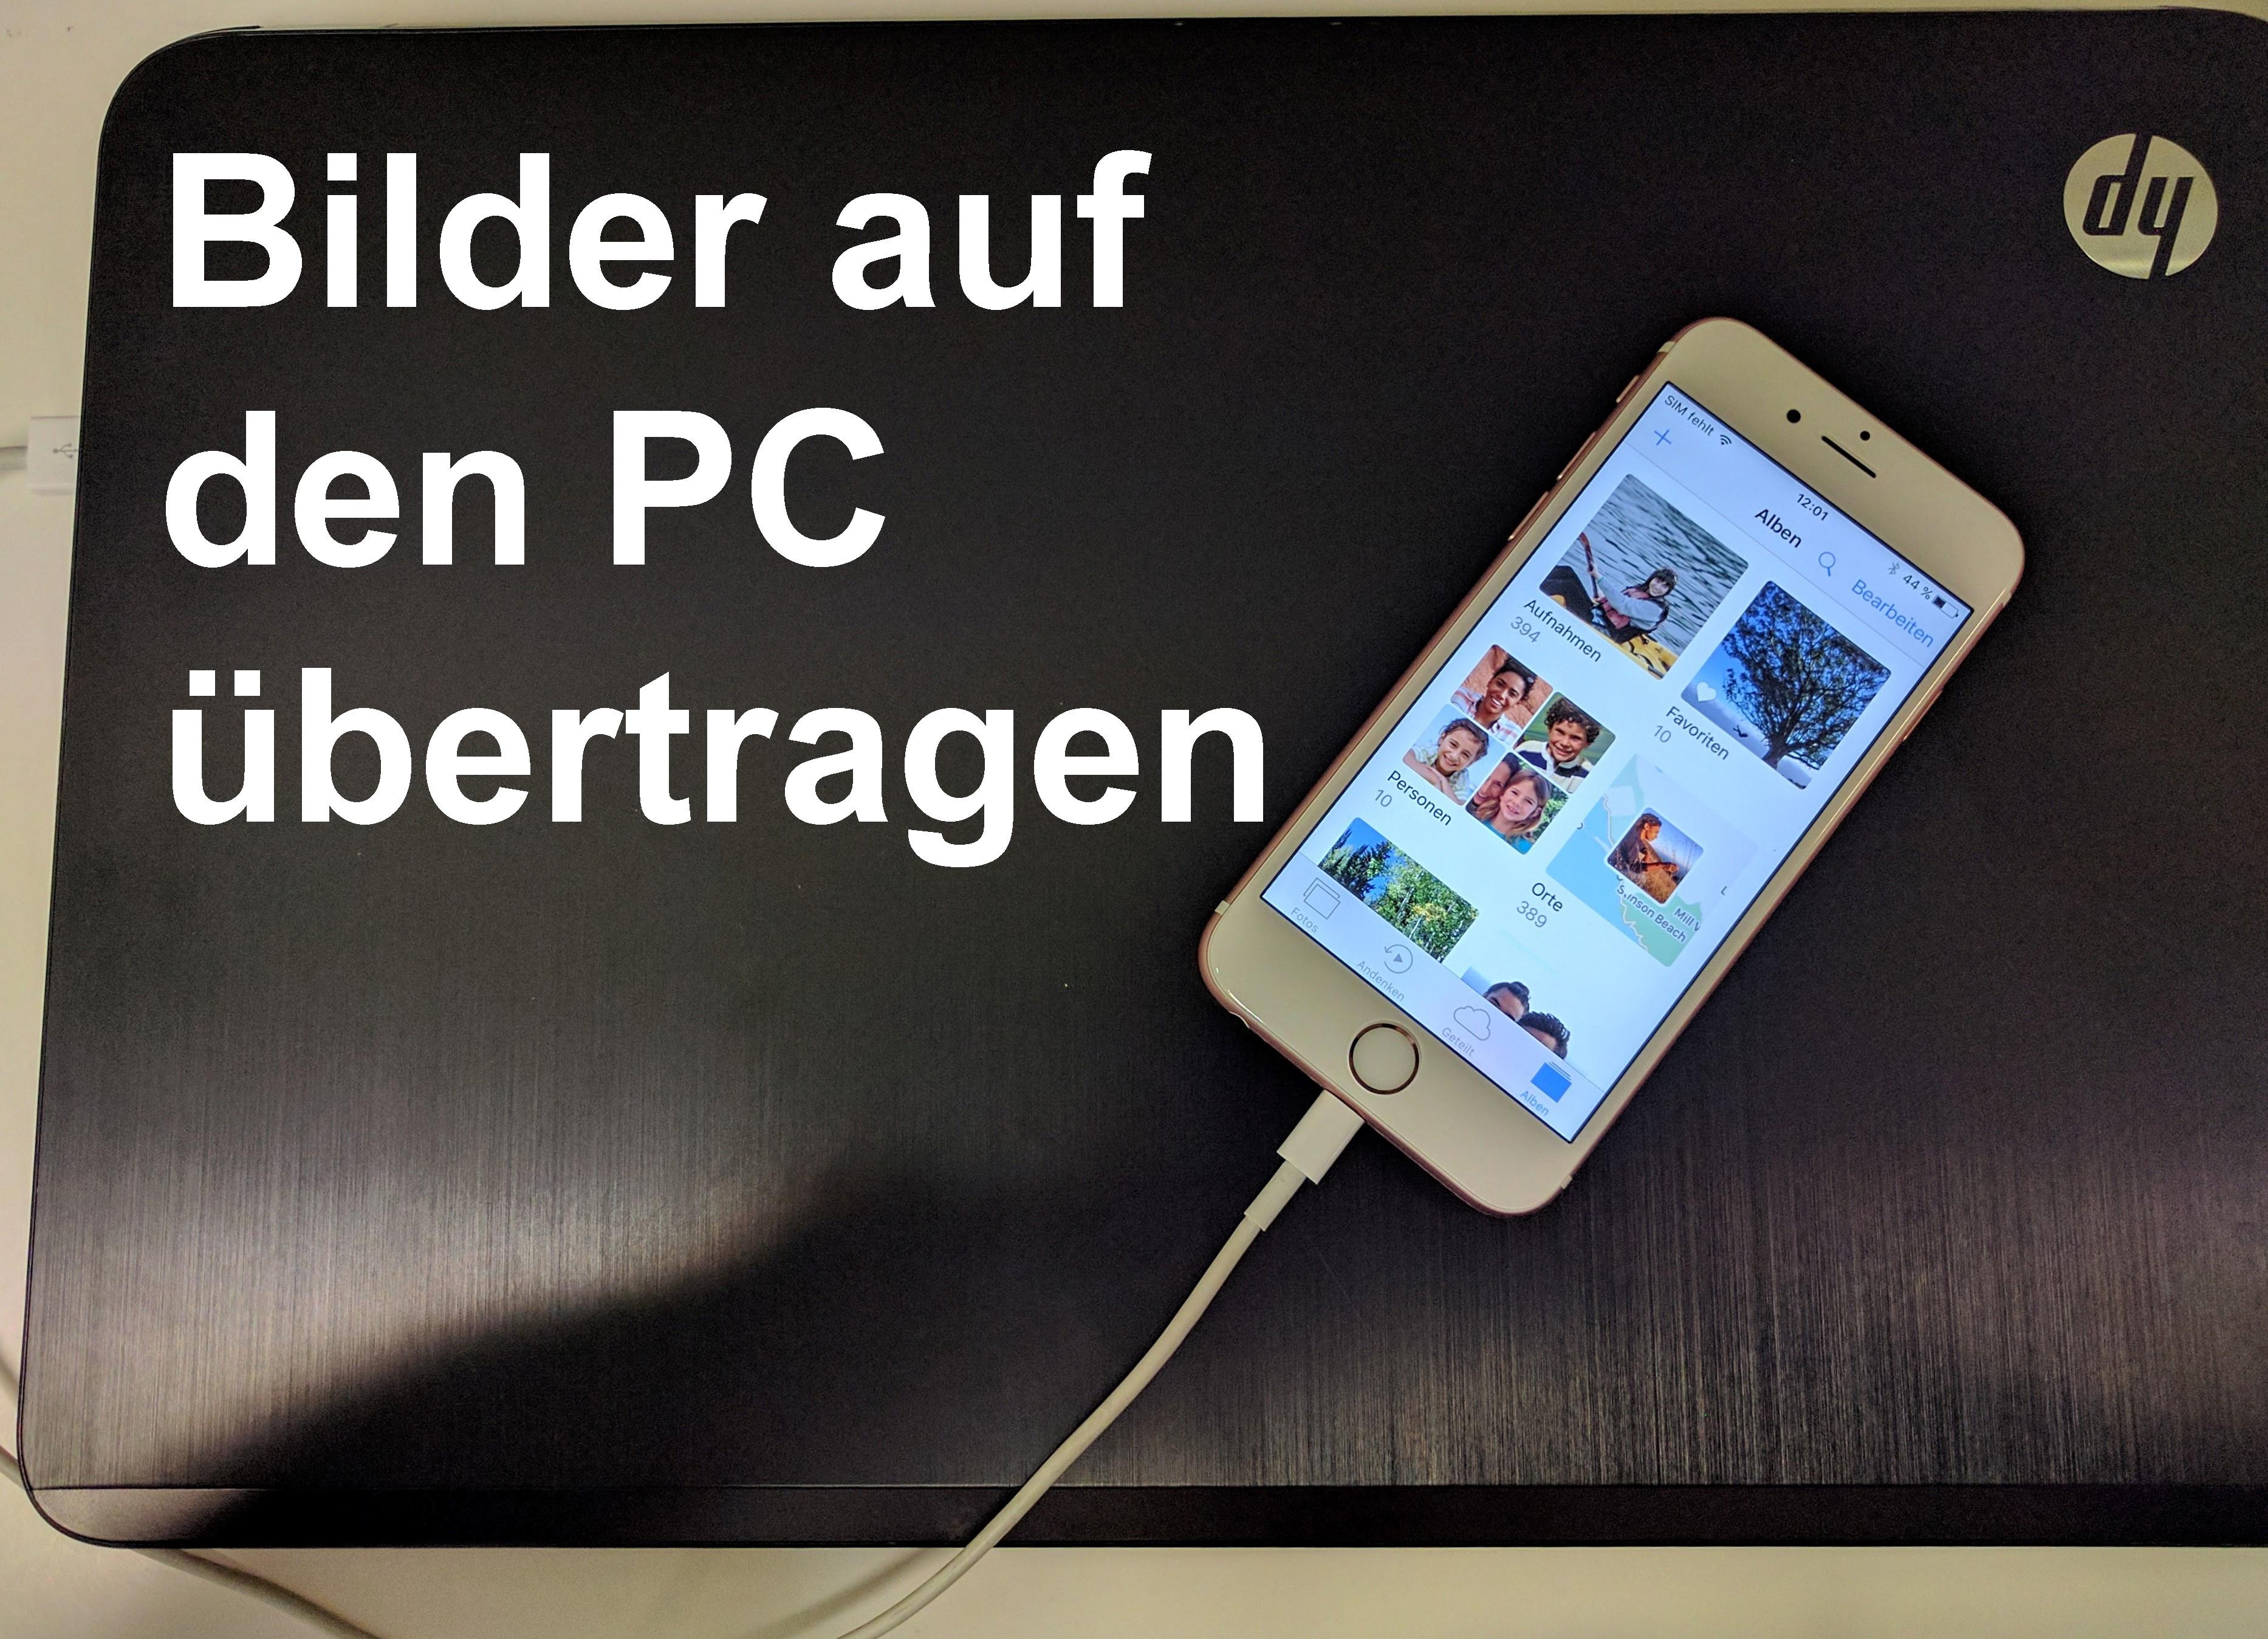 Empfehlung Vom Profi Bilder Vom Smartphone Auf Den Pc Speichern Natel Profi Telekommunikations Losungen